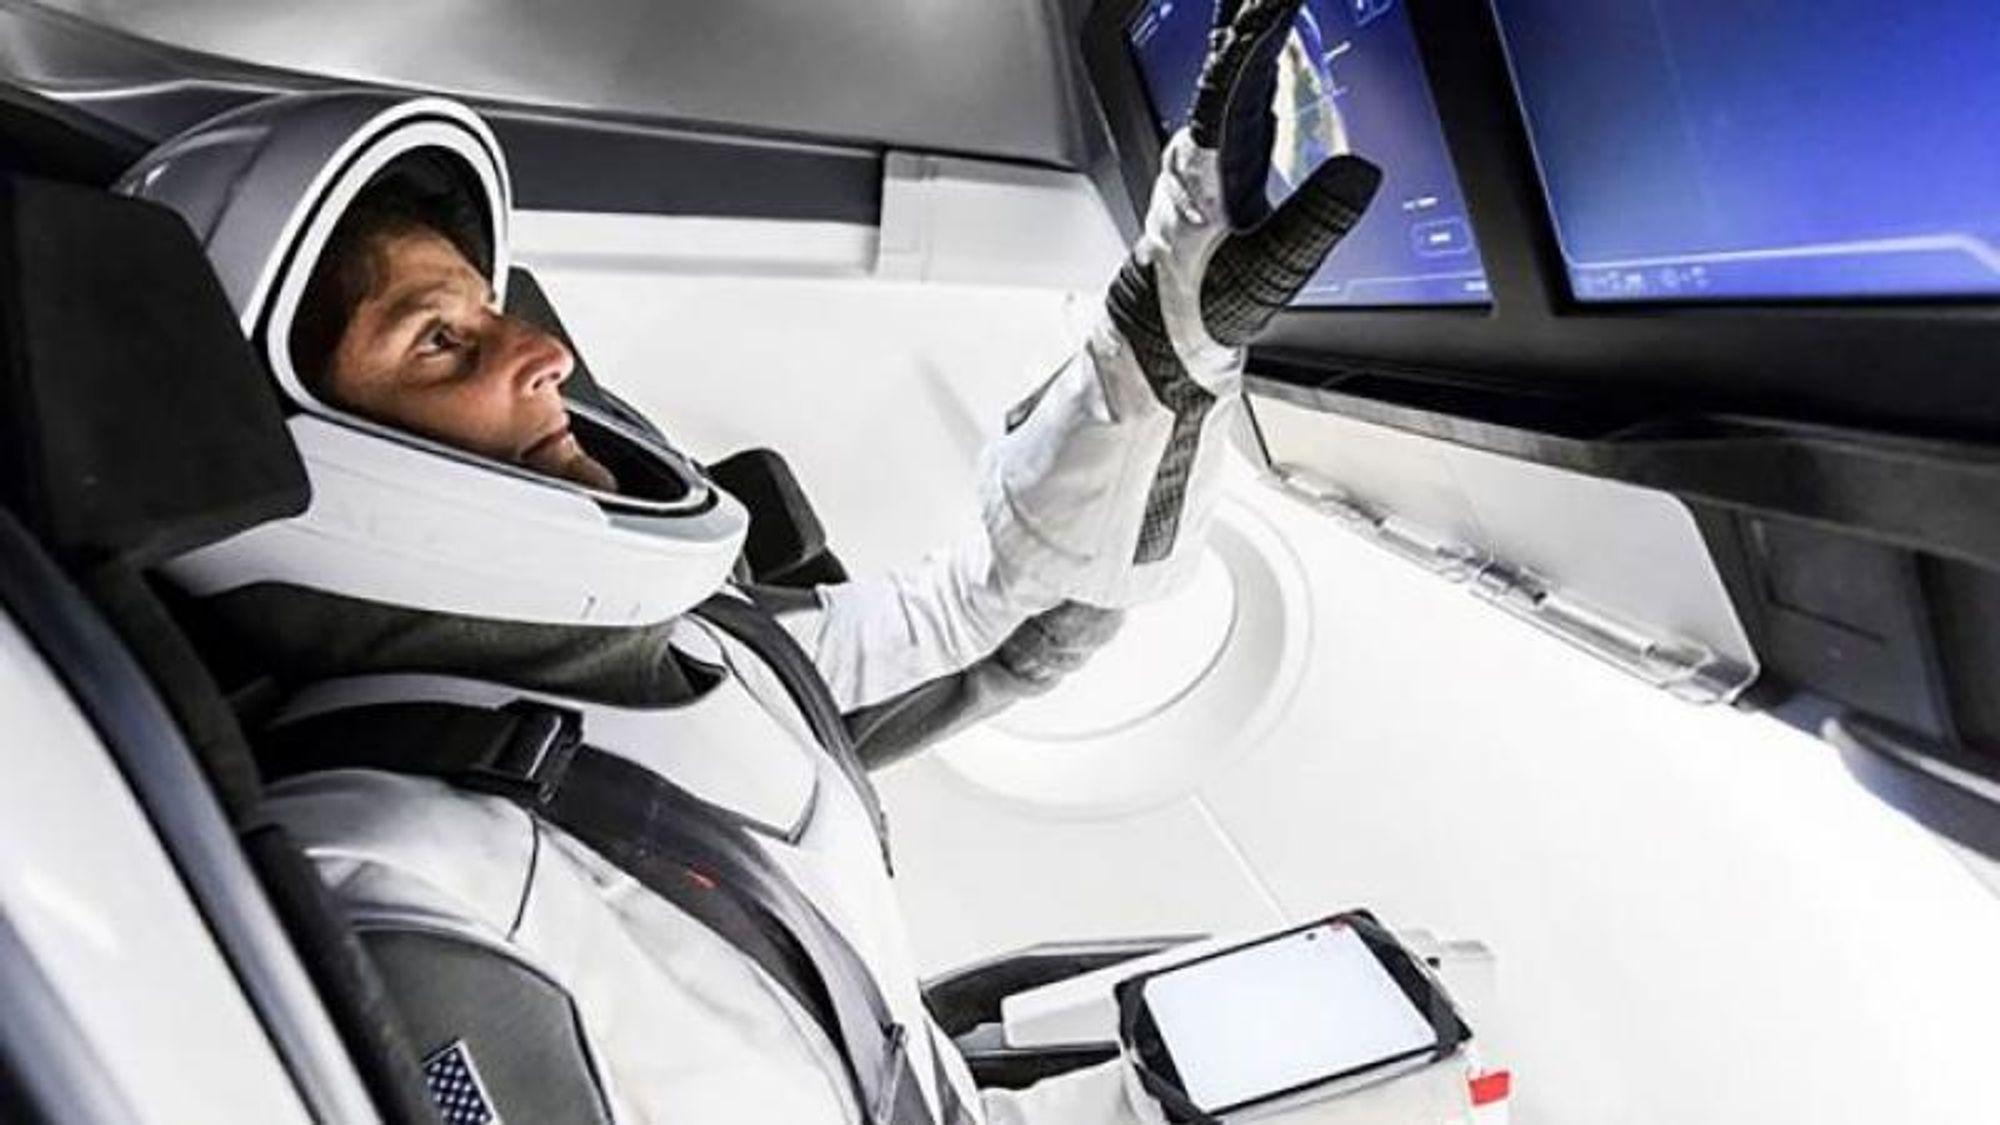 SpaceX' Crew Dragon-kapsler skal overta etter de gamle russiske Sojus-kapslene, og frakte astronauter til den internasjonale romstasjonen ISS.